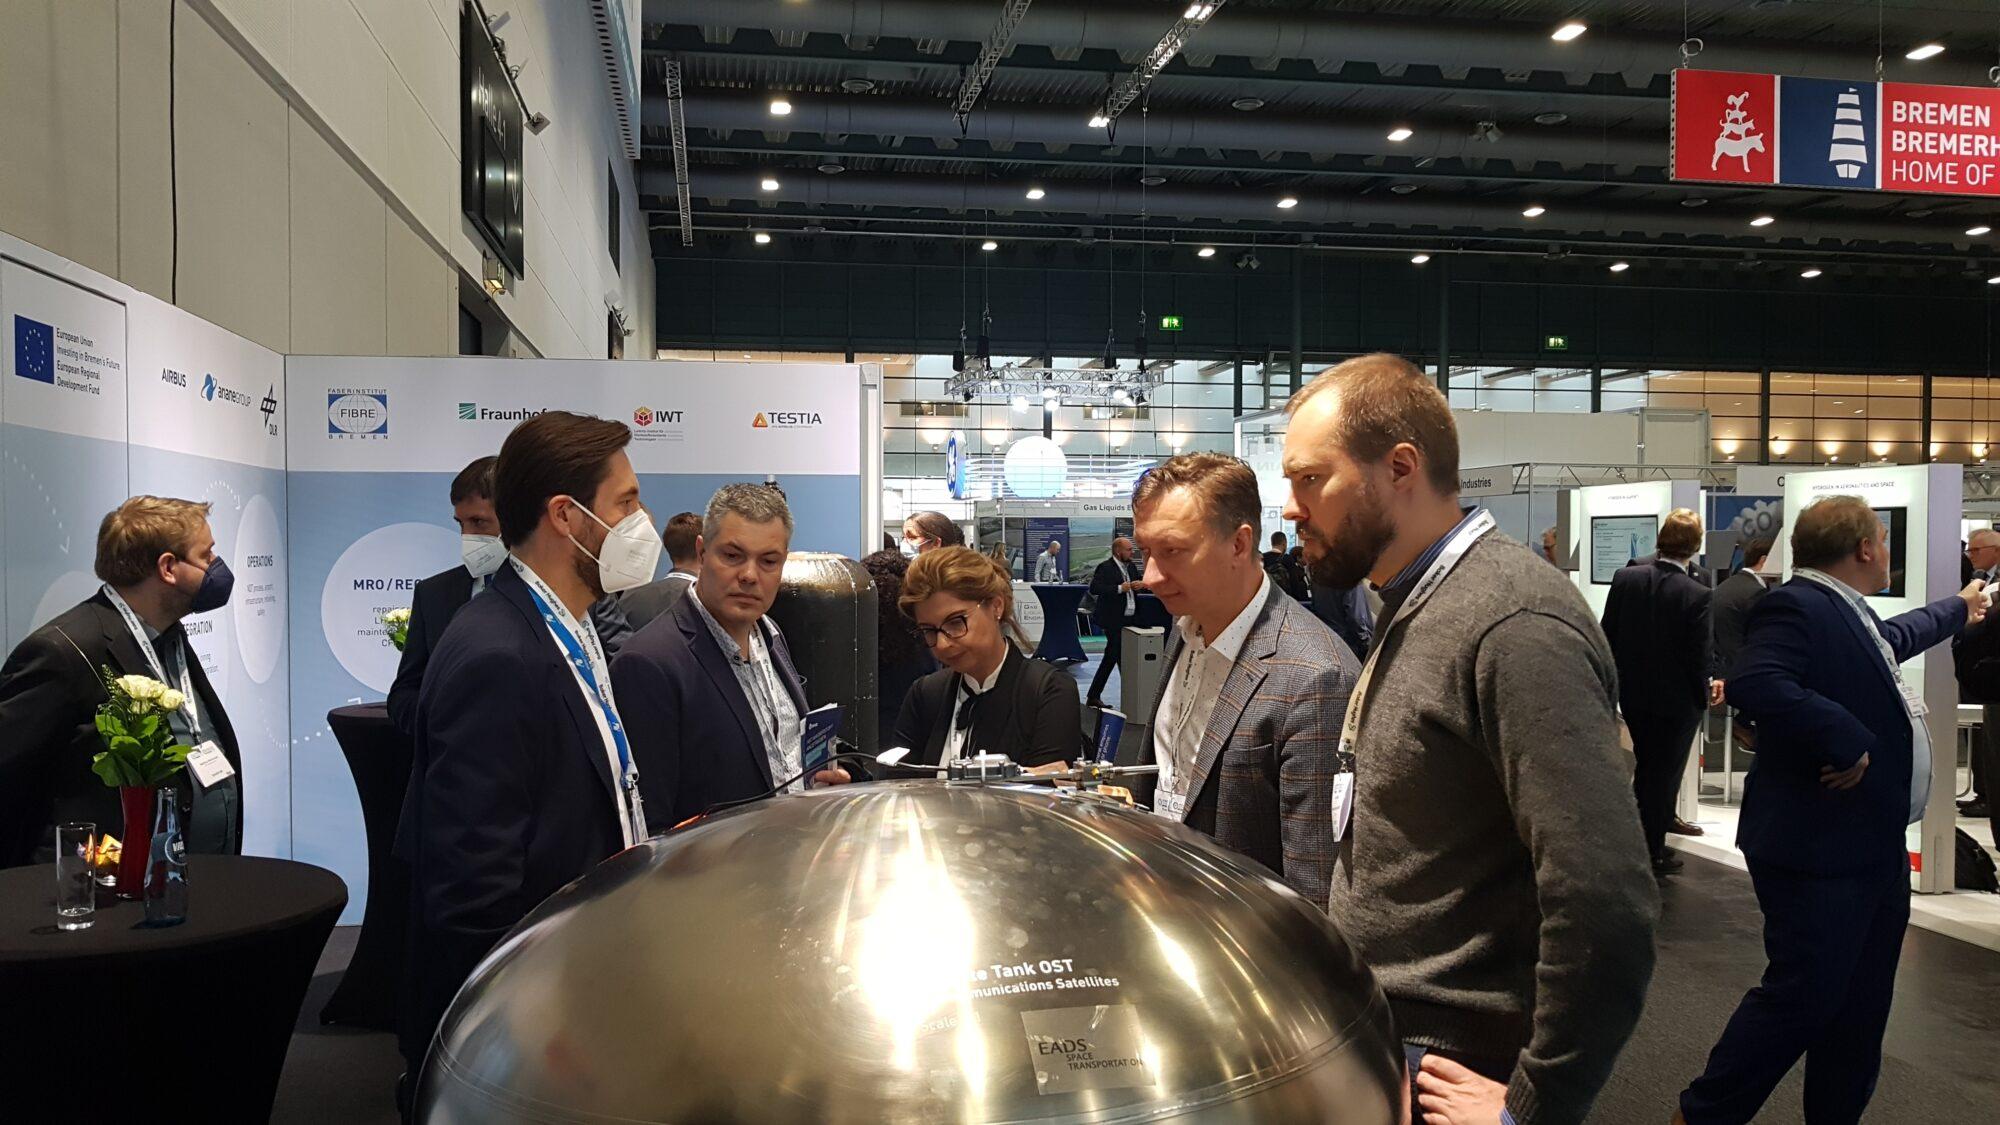 Spotkanie z przedstawicielami centrum naukowo-technologicznego ECOMAT w Bremie